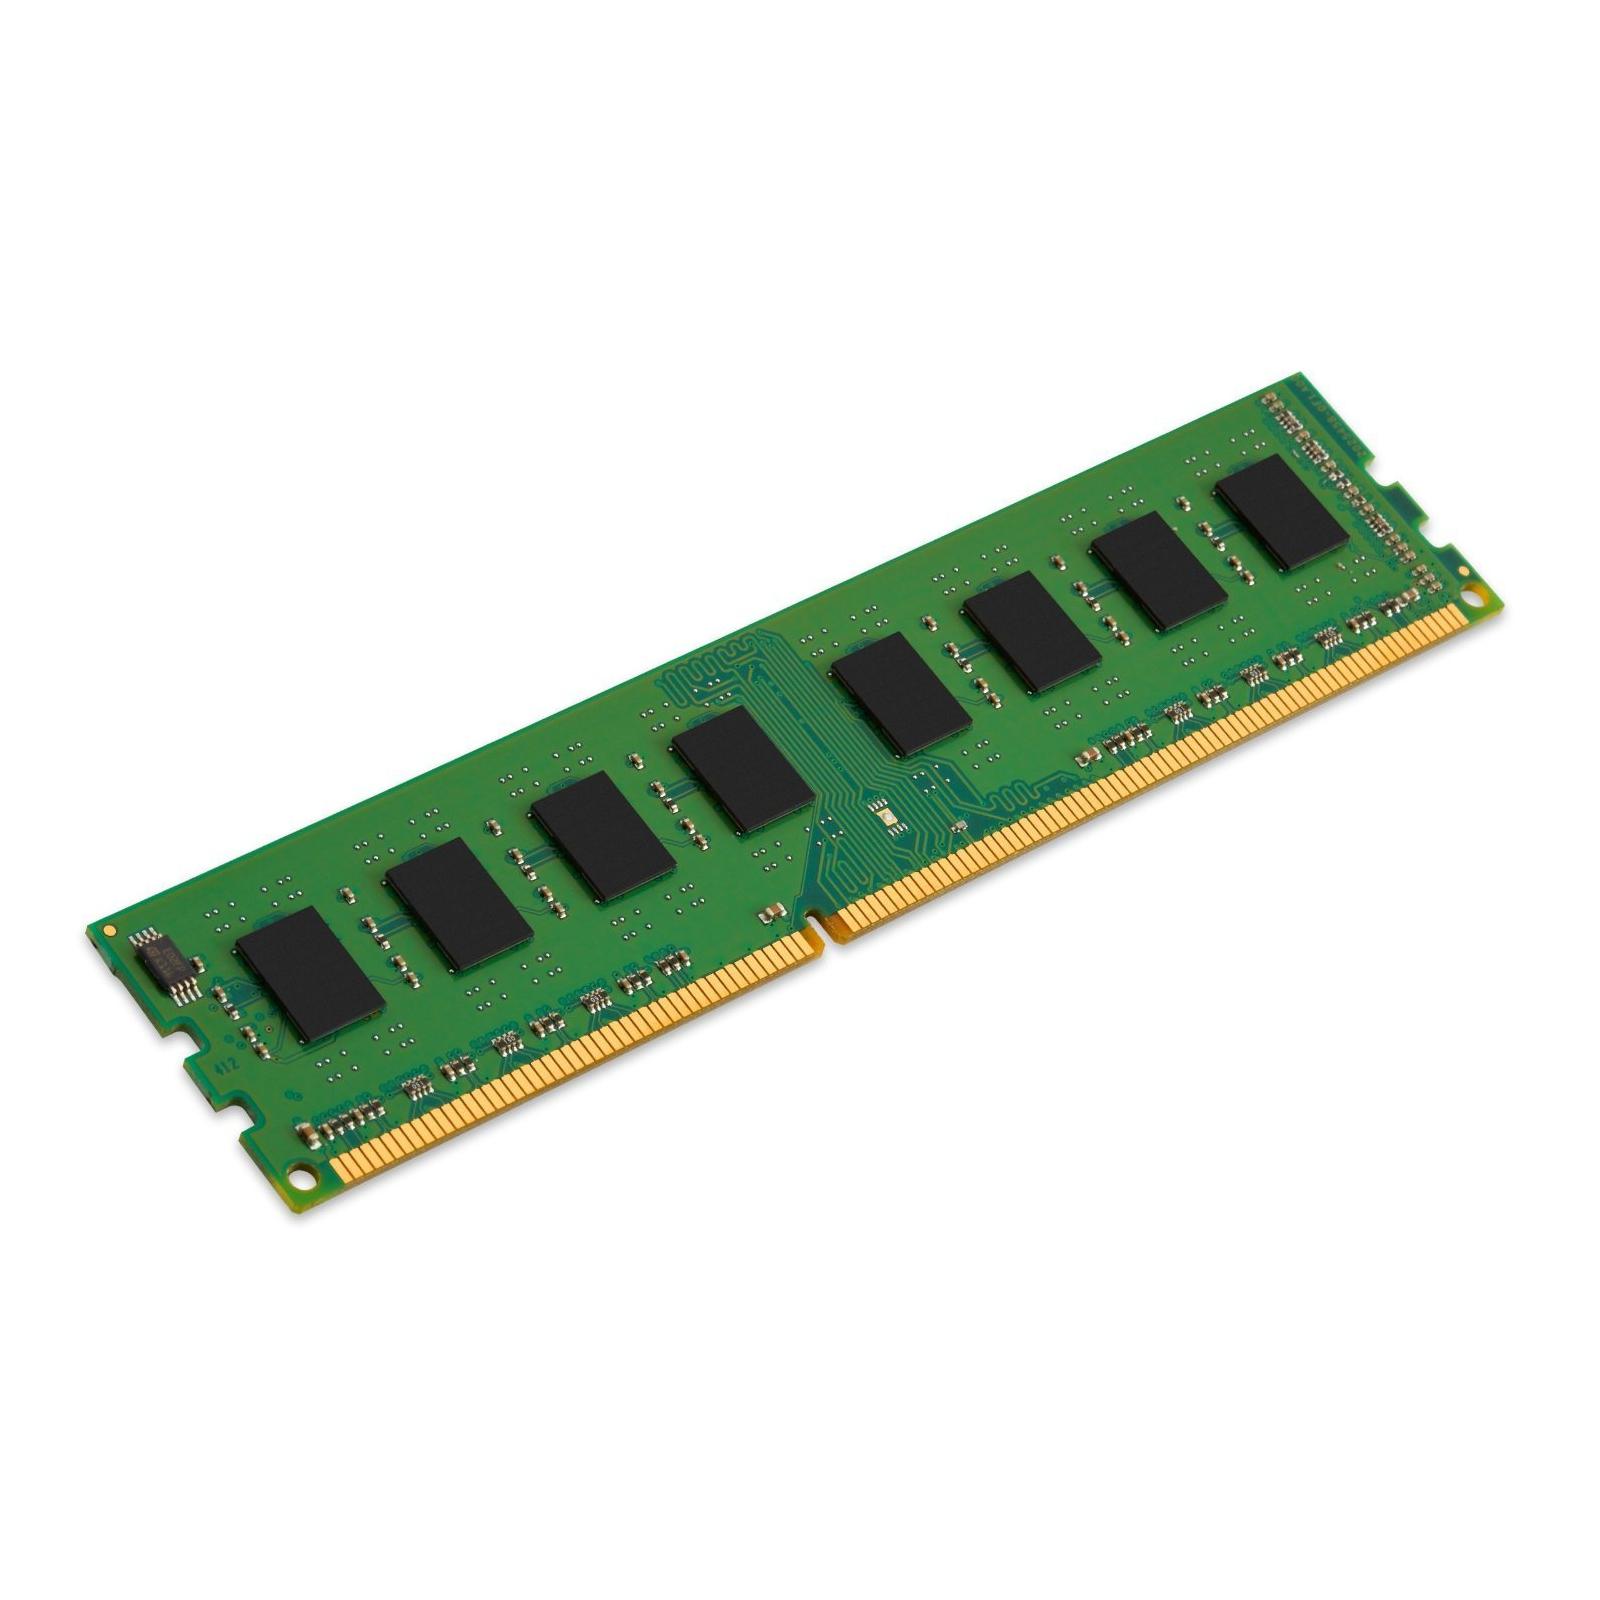 Модуль памяти для компьютера DDR3 4GB 1600 MHz Kingston (KTH9600CS/4G)